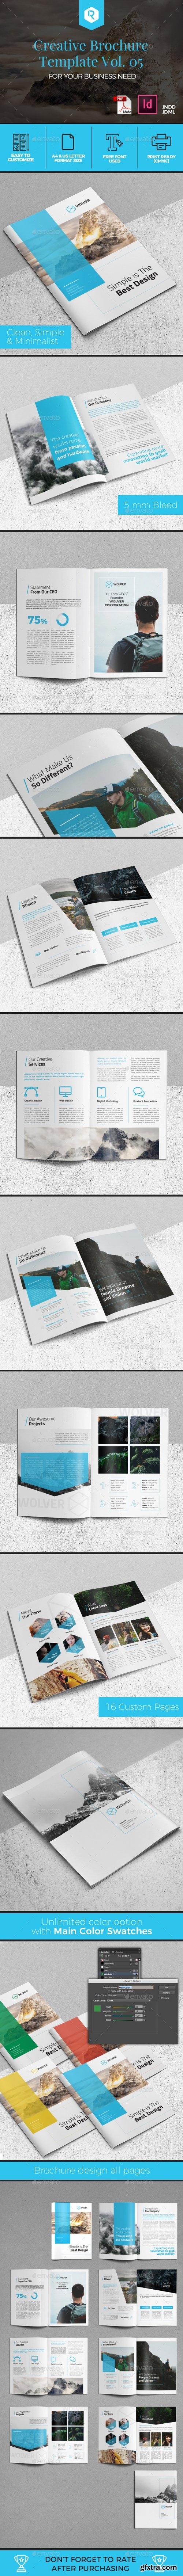 Graphicriver - Creative Brochure Template Vol. 05 19763466